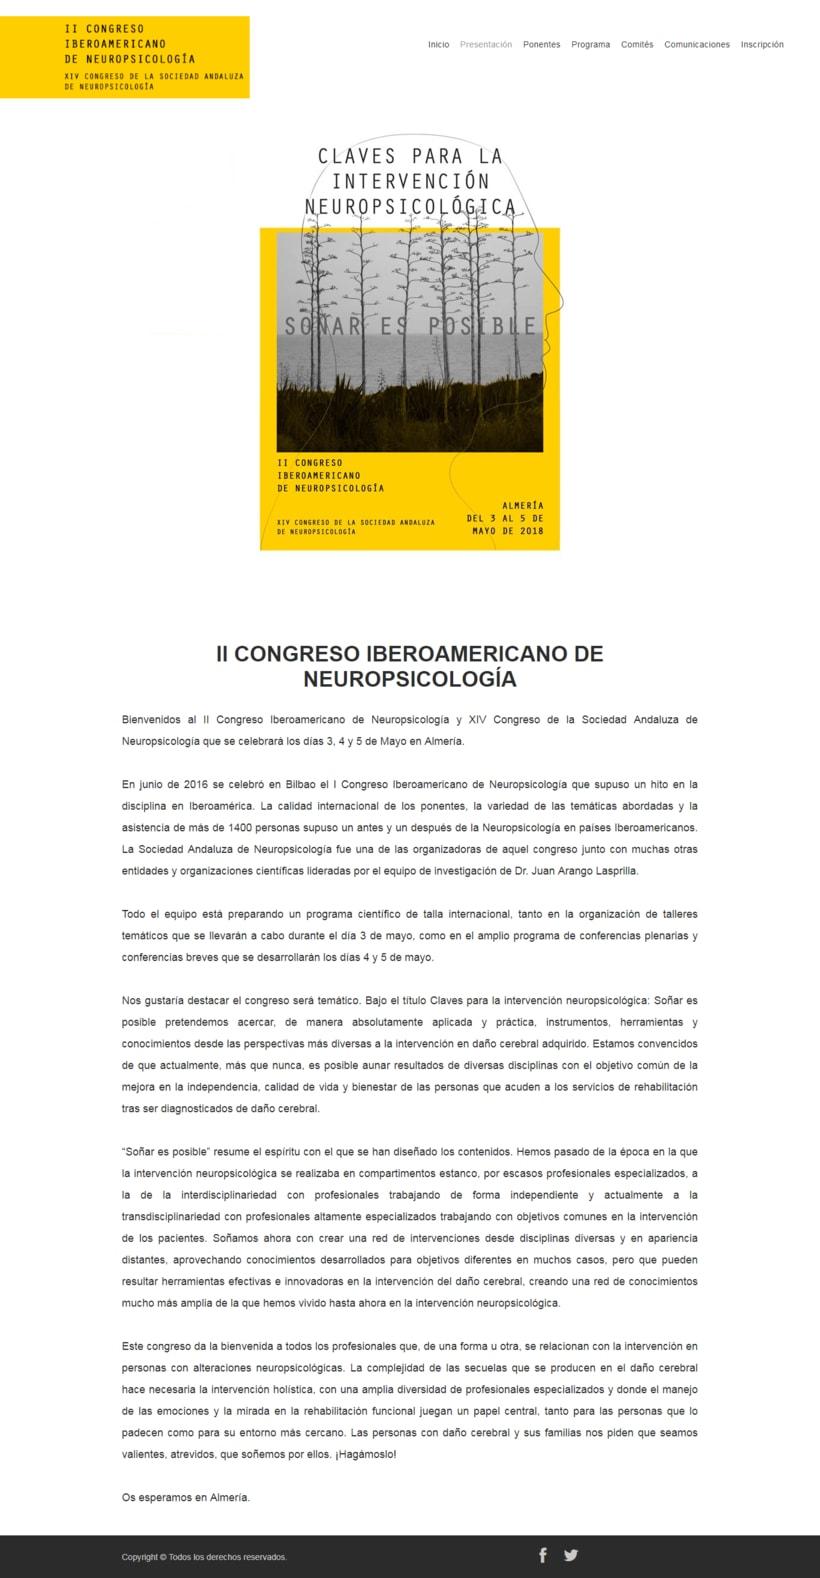 Diseño Gráfico y Web del Congreso Iberoamericano de Neuropsicolgía 3